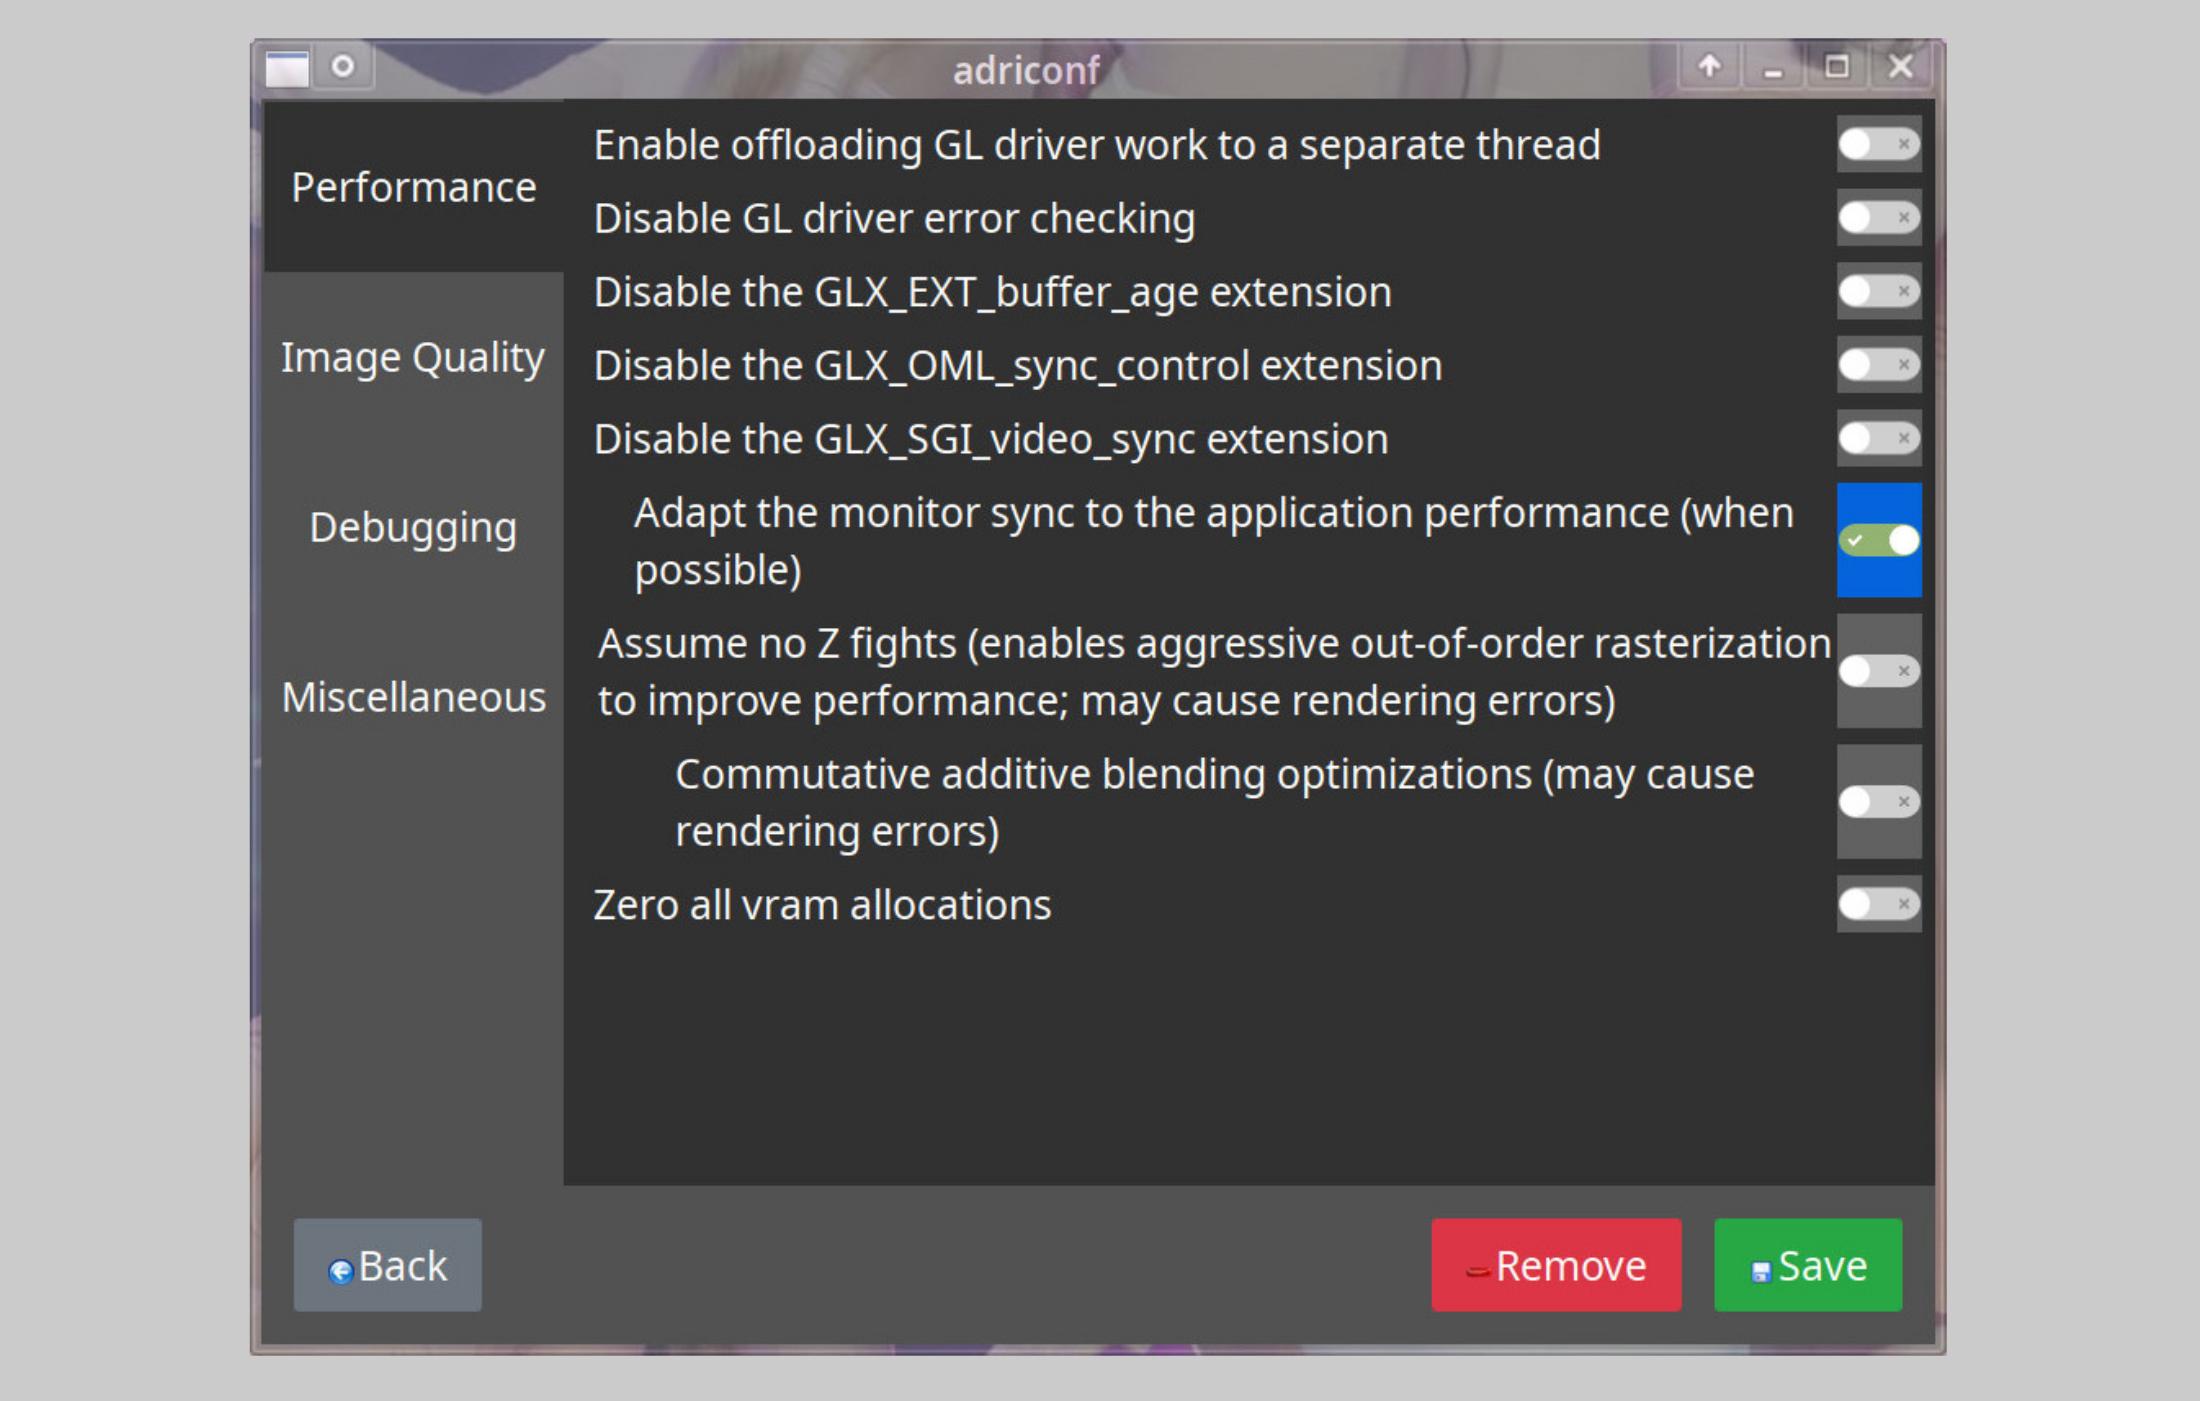 como-instalar-o-adriconf-um-configurador-dri-no-ubuntu-fedora-debian-e-opensuse